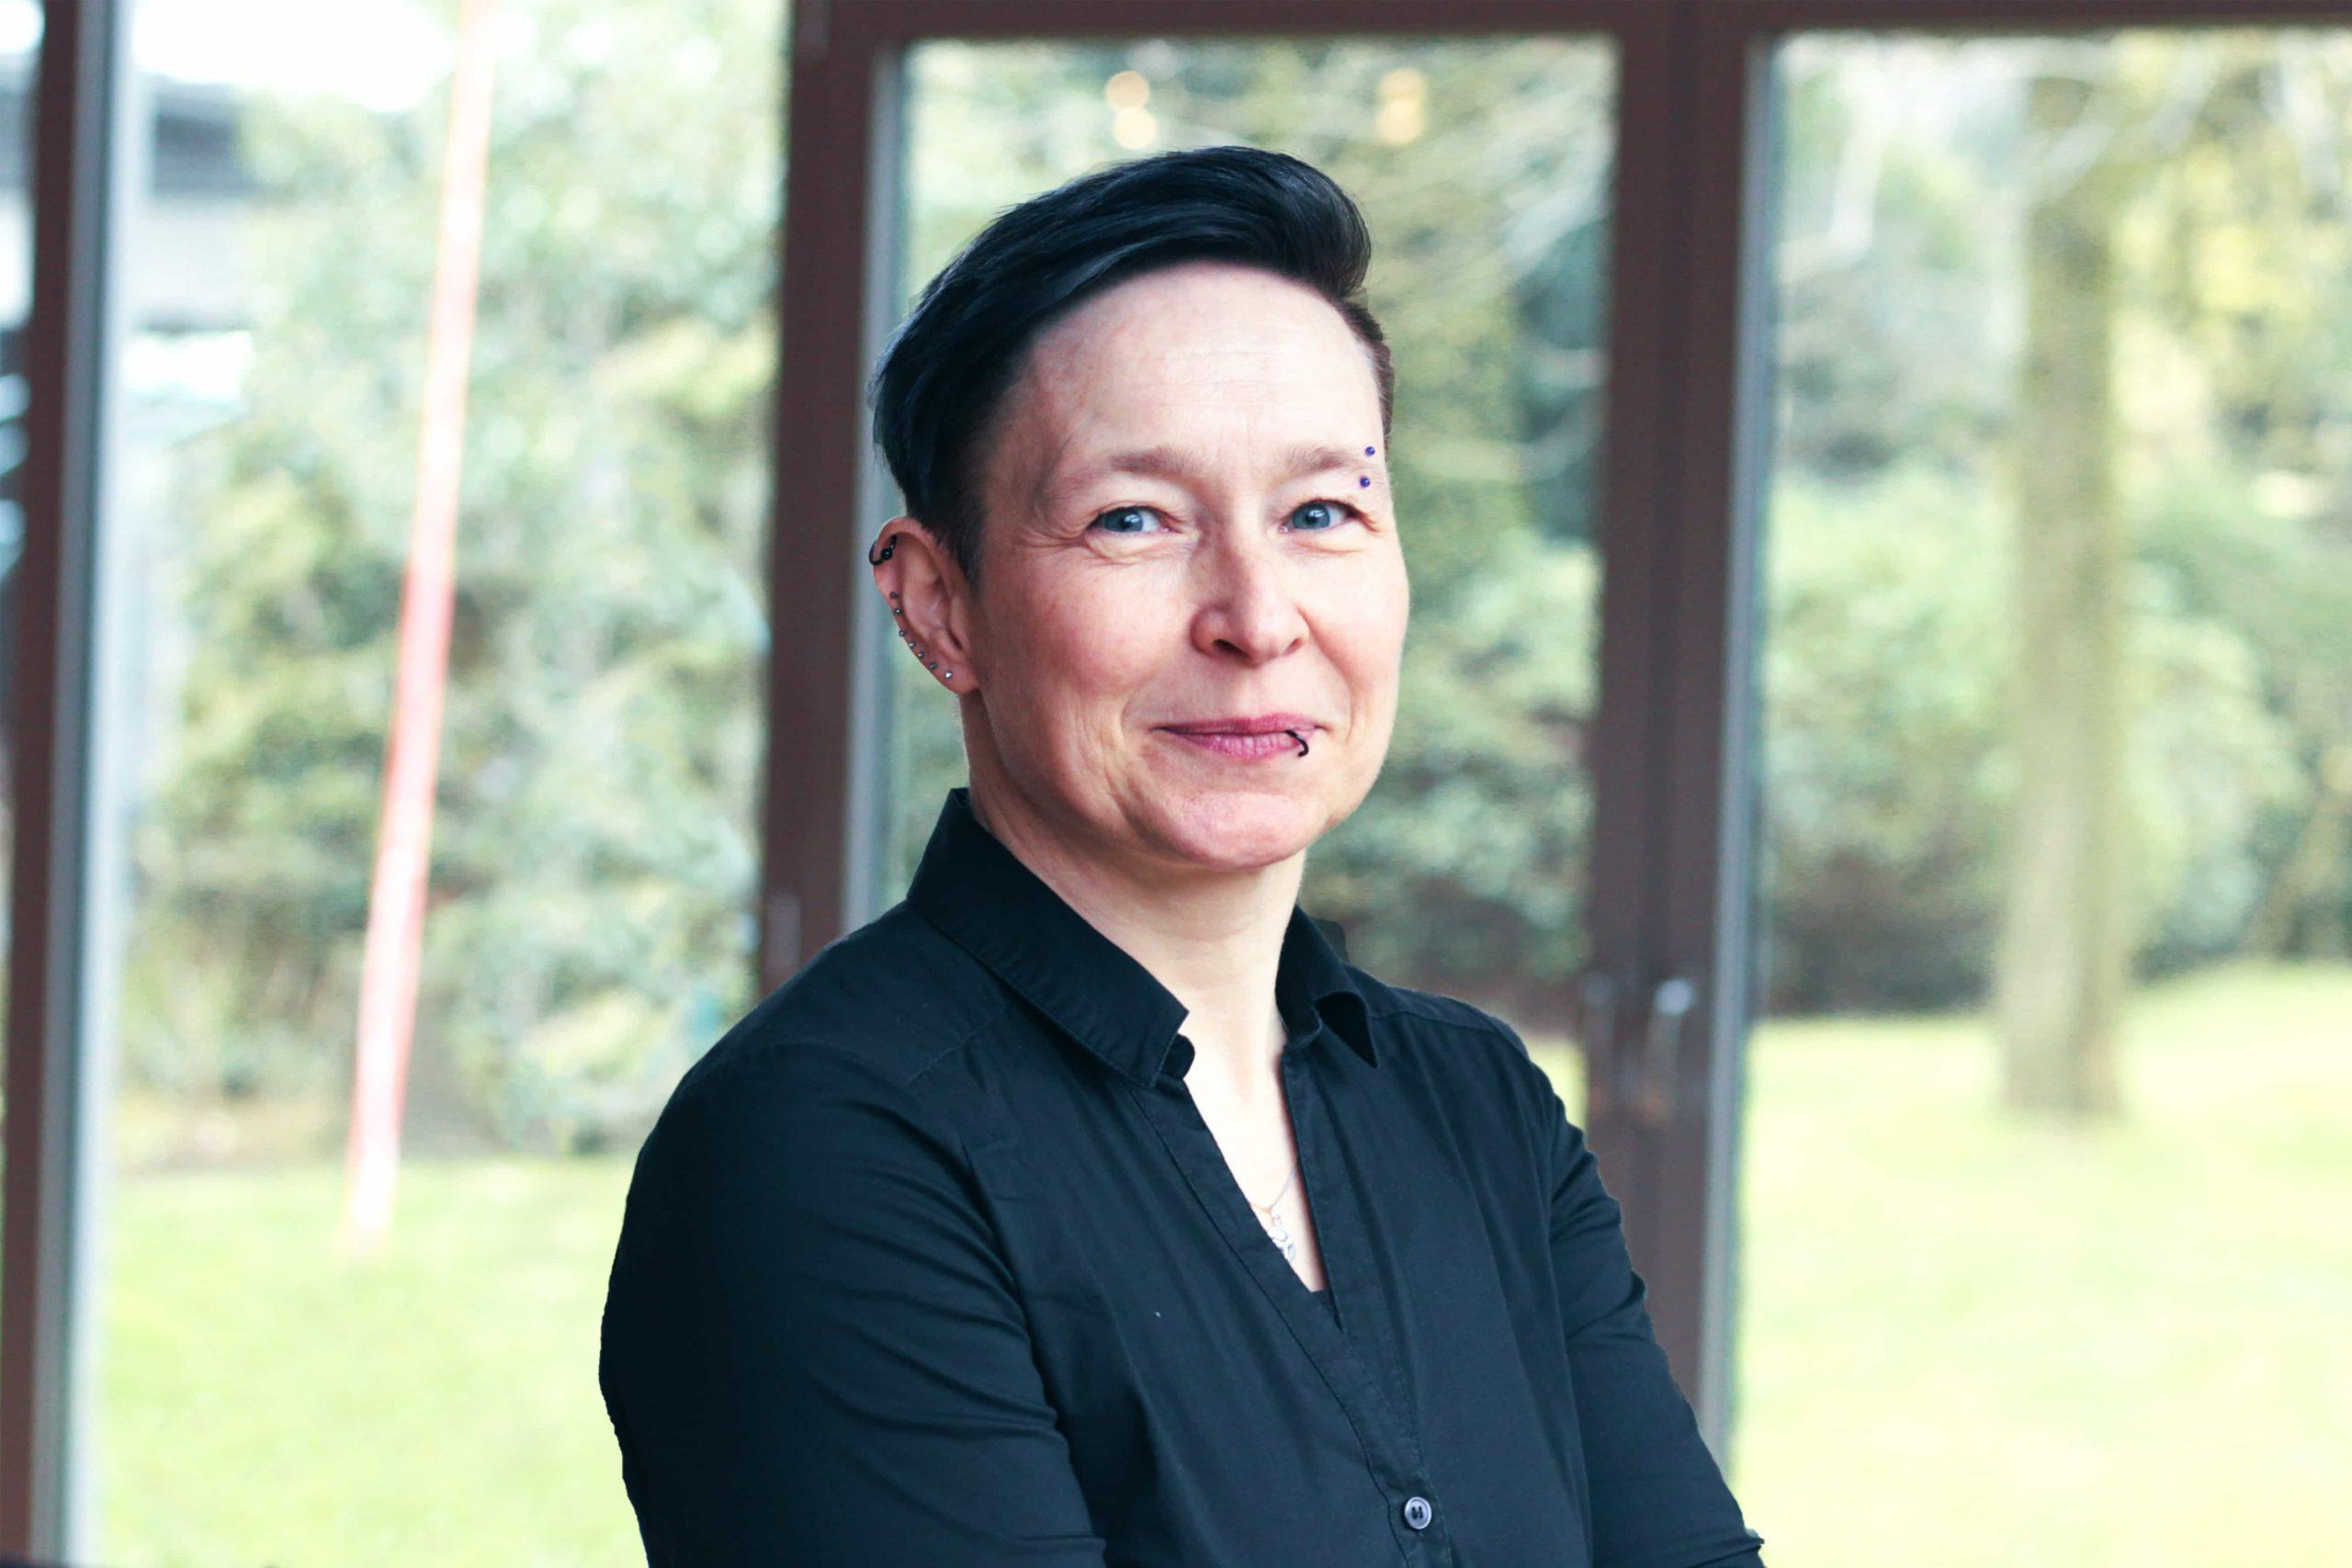 Sabina Hetze